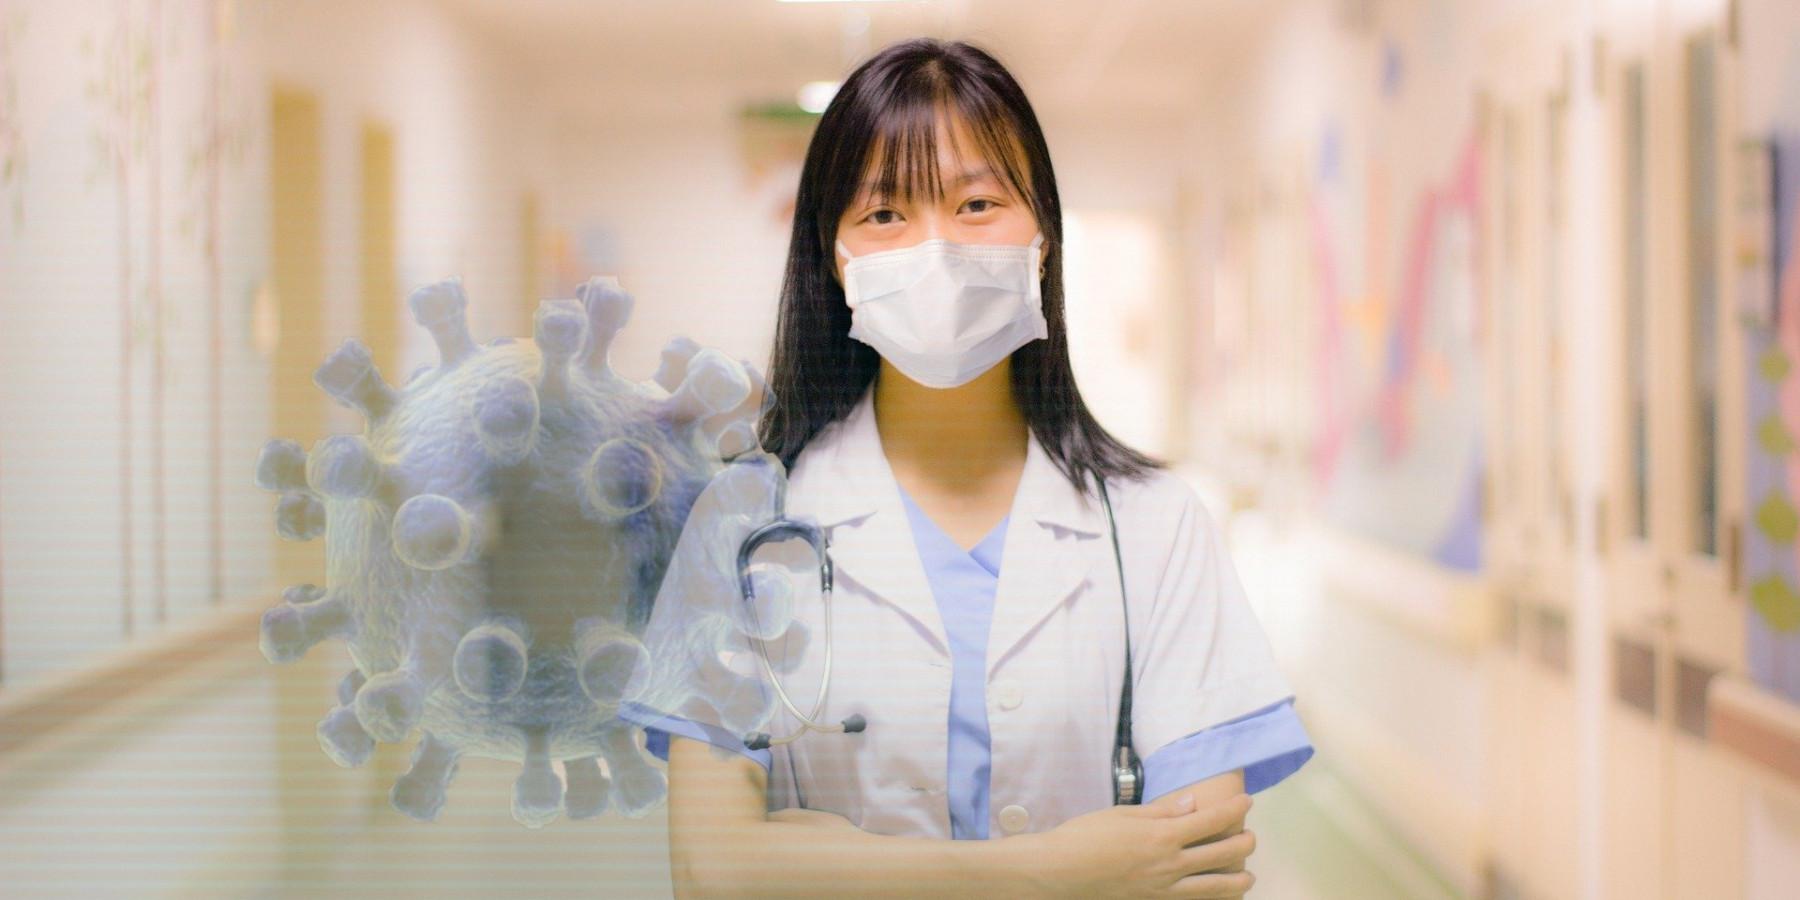 Spätfolgen nach einer Covid-19-Infektion können schwerwiegend sein